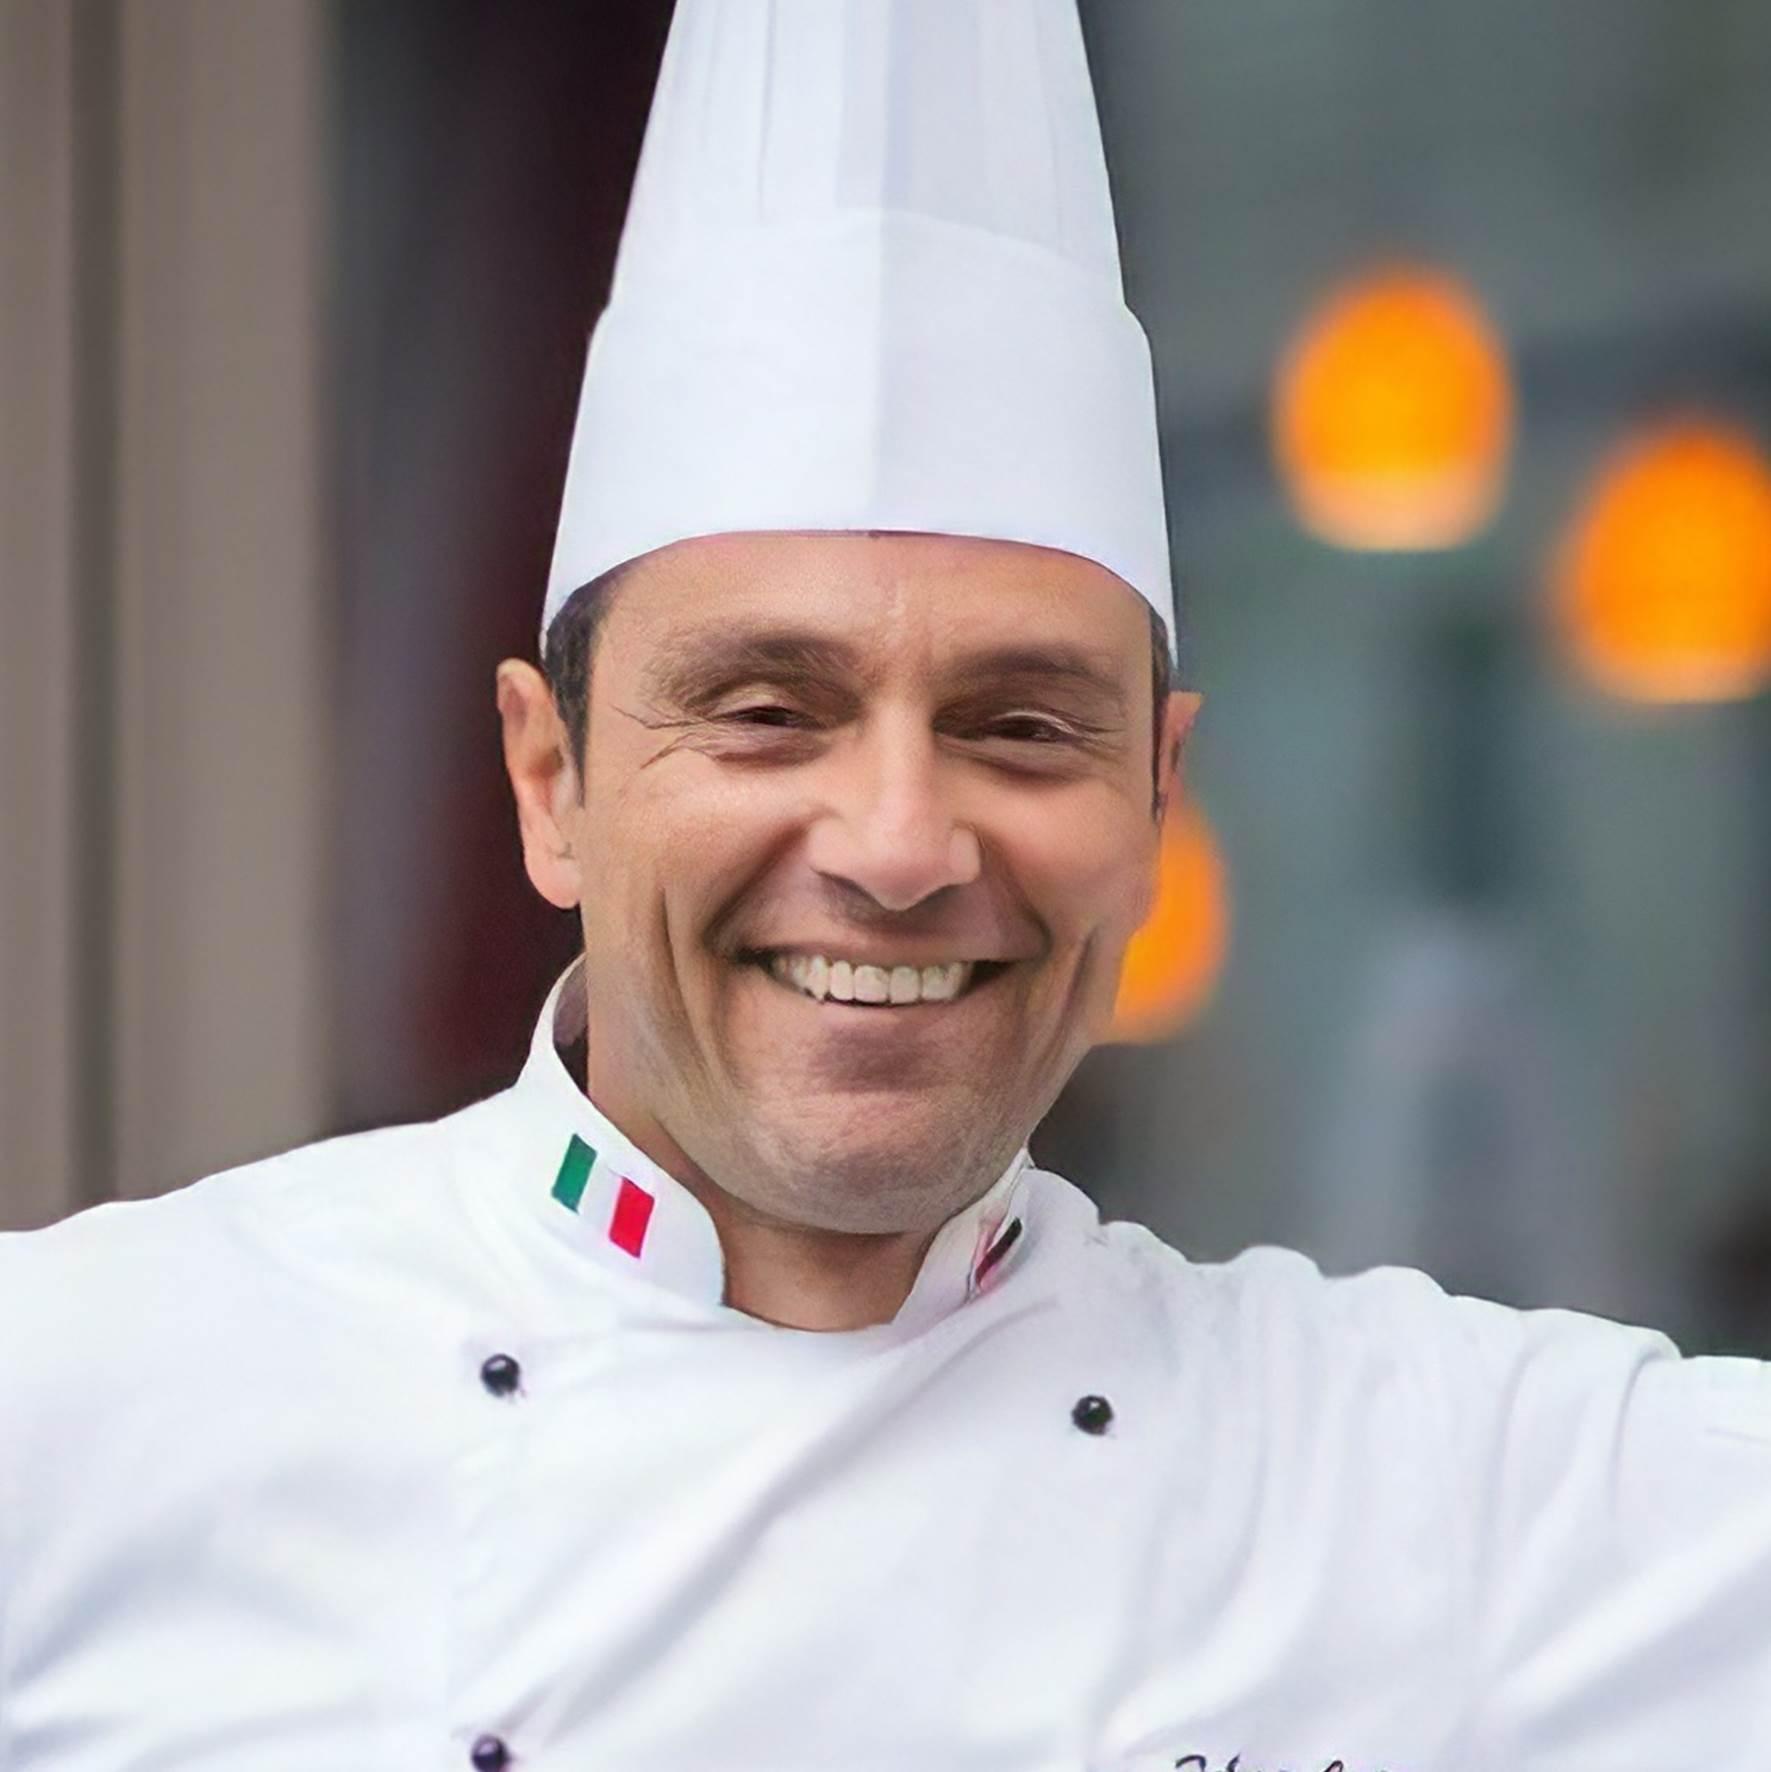 Fabrizio Contino